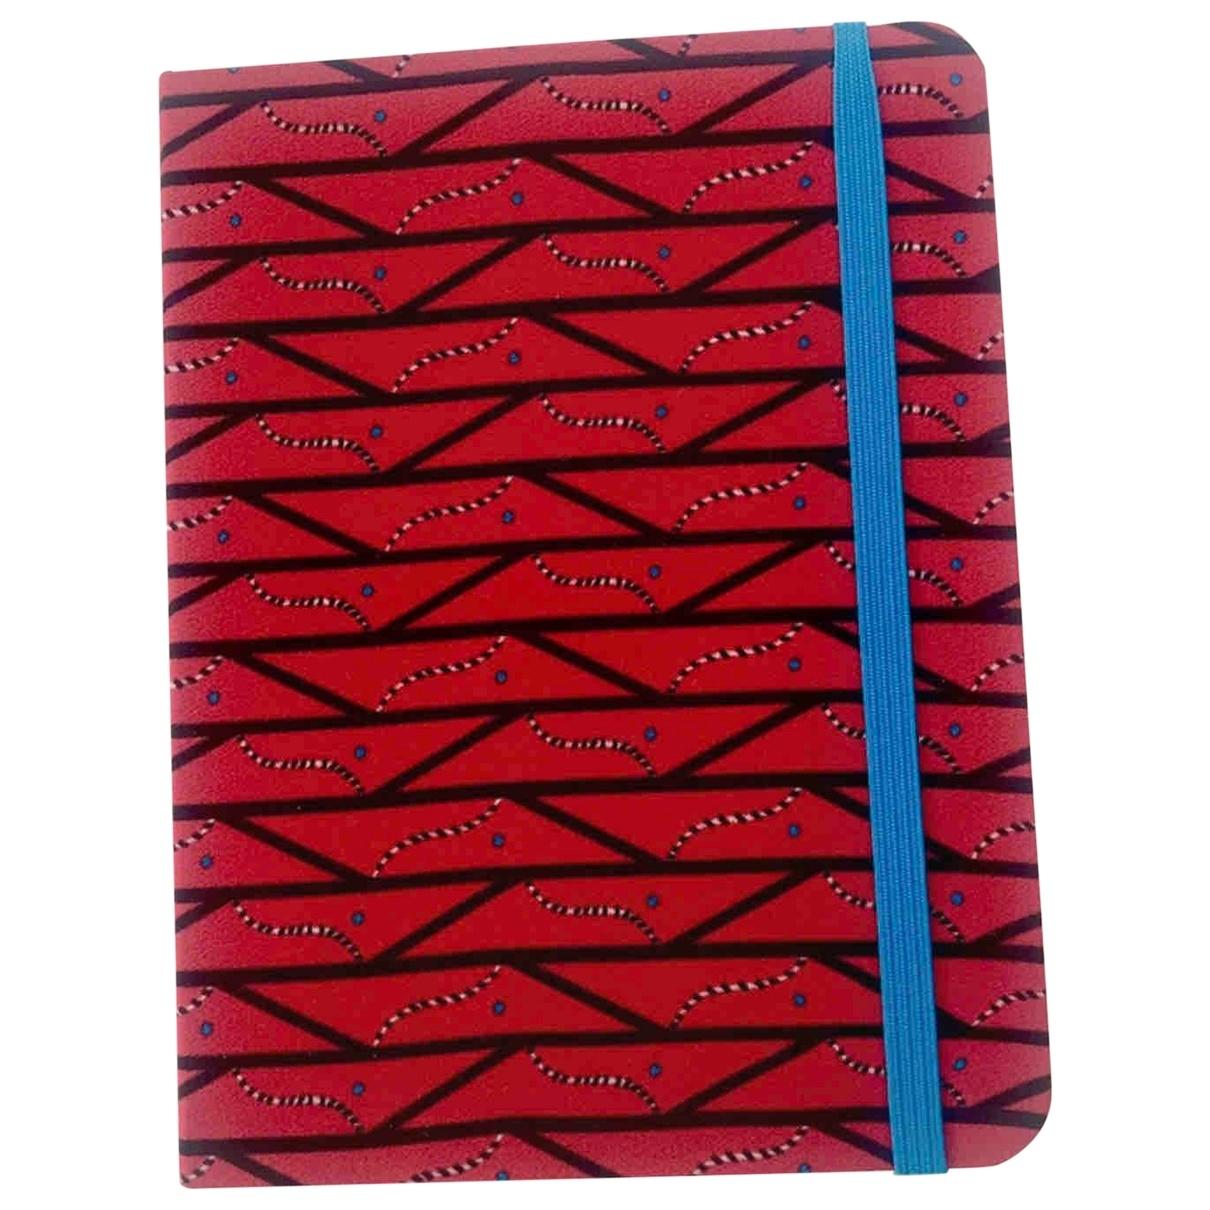 Etro - Objets & Deco   pour lifestyle - rouge